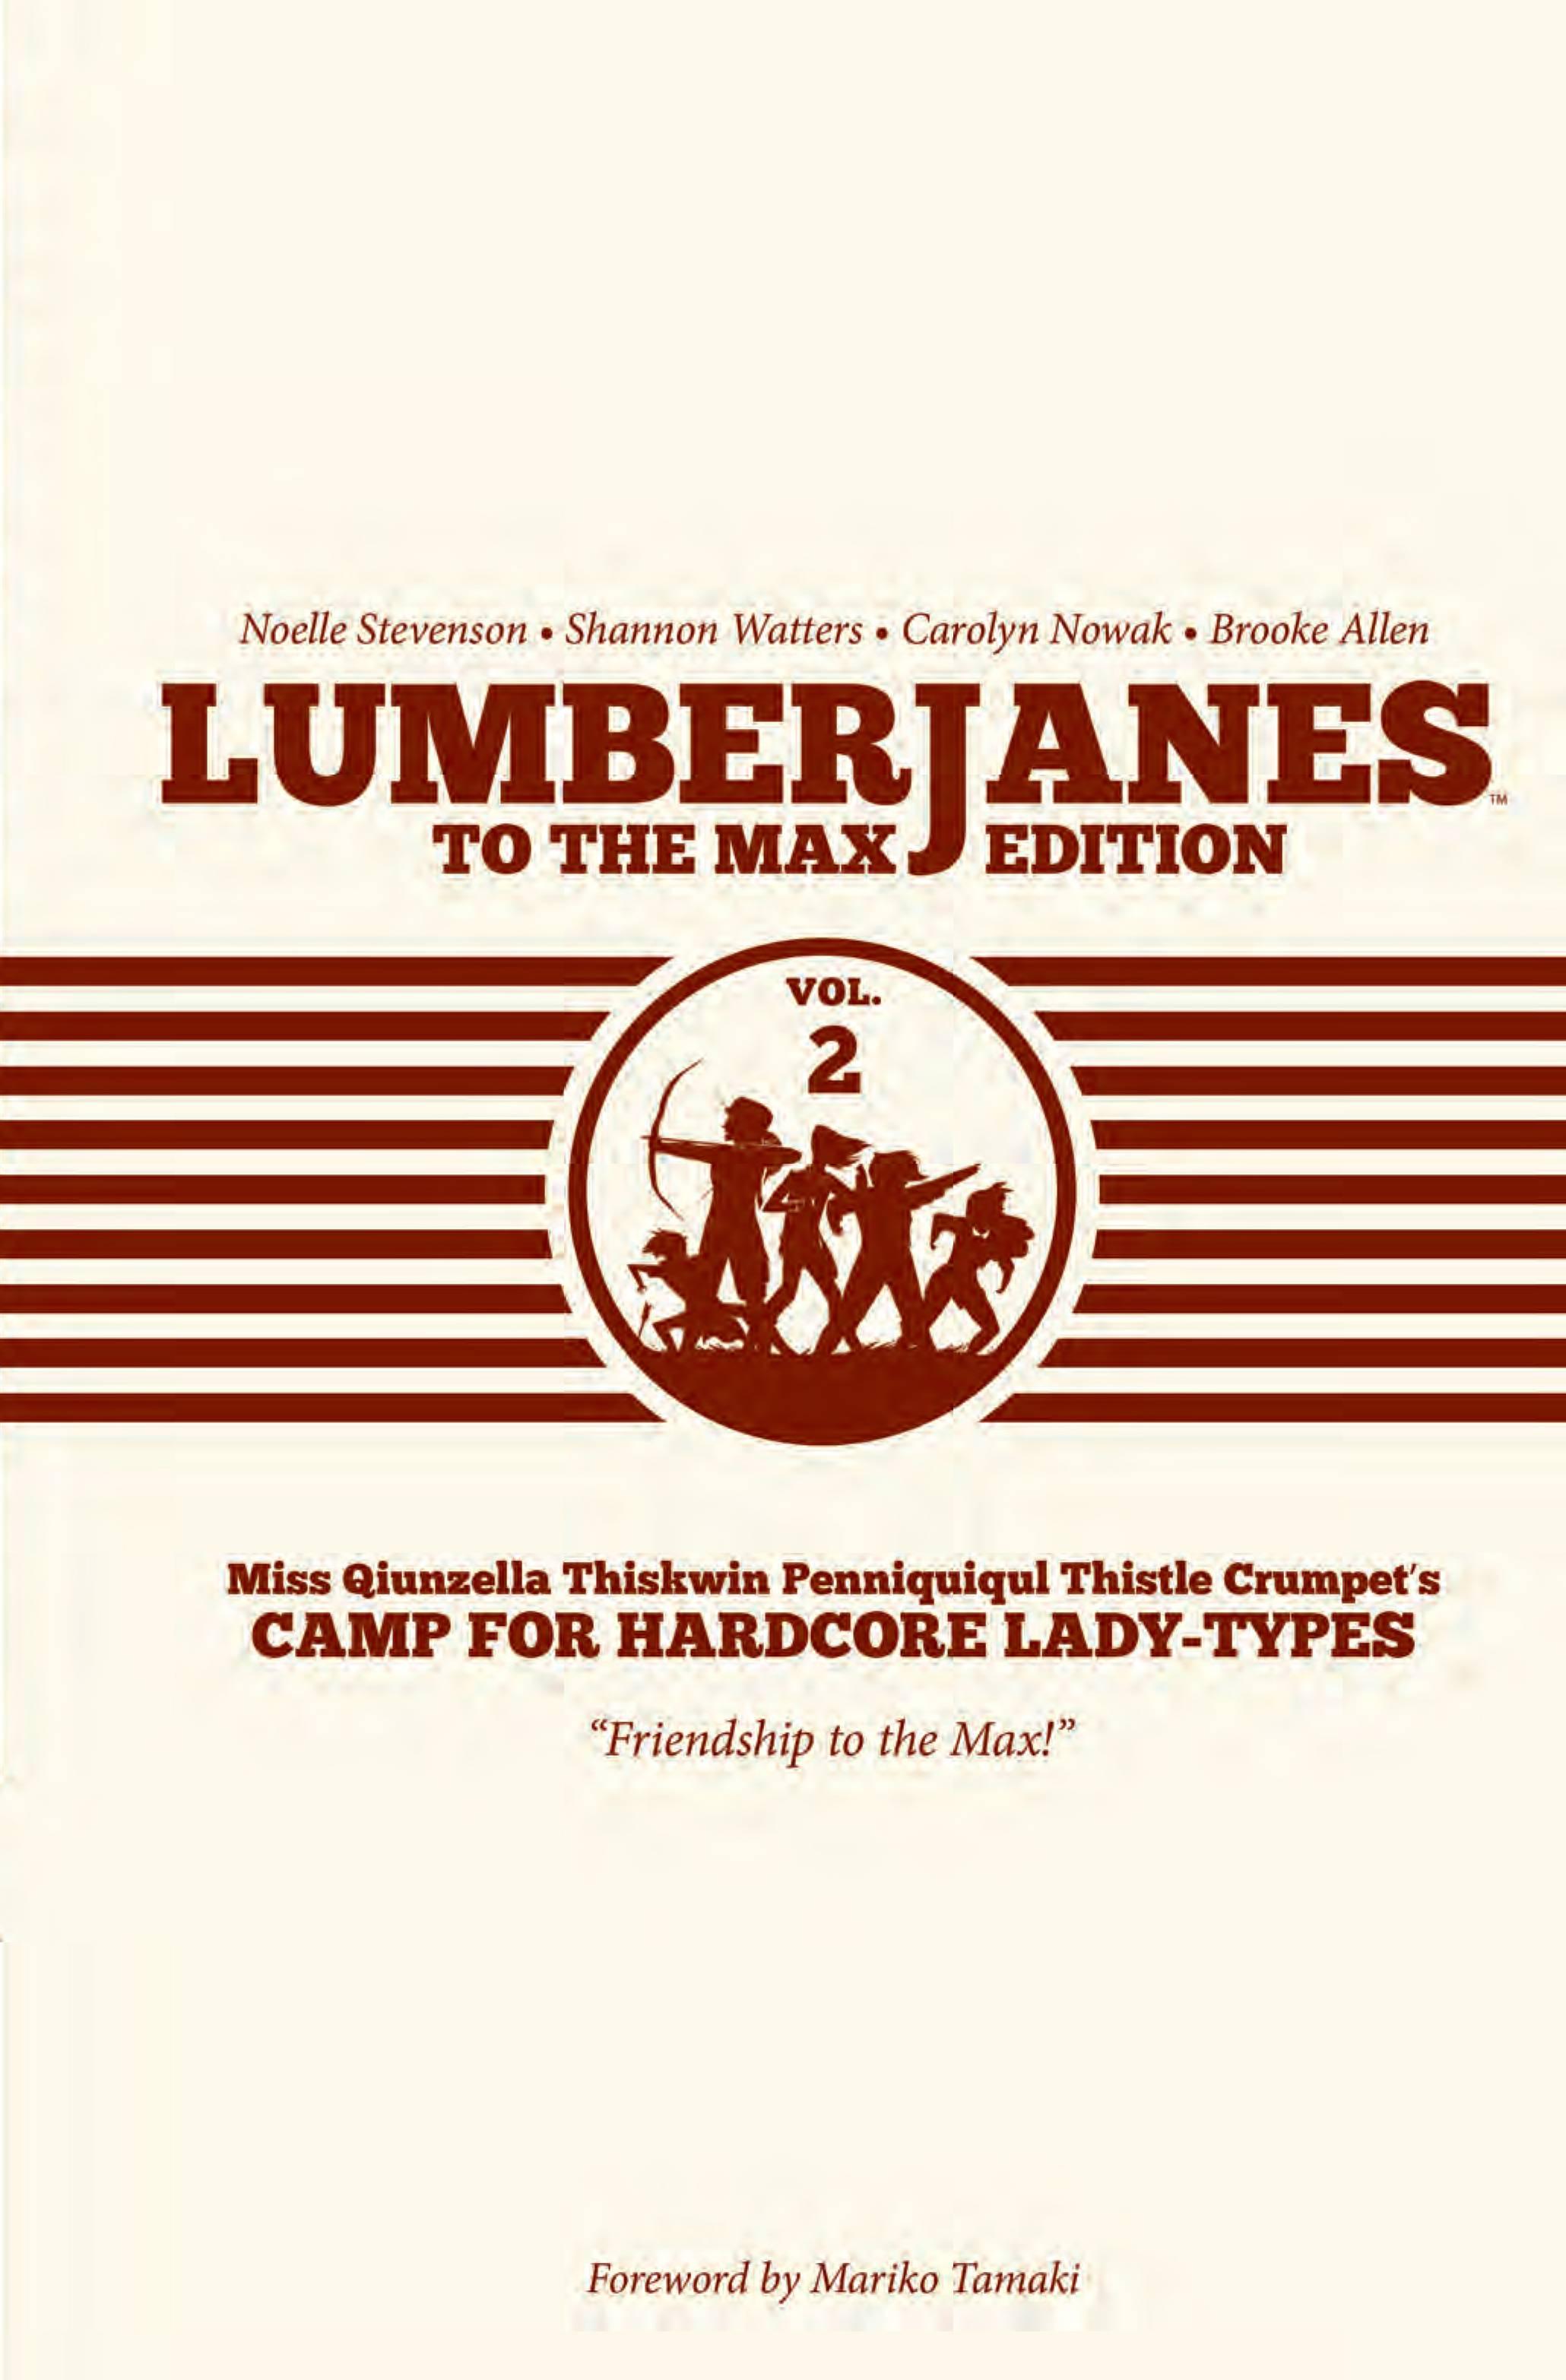 Lumberjanes HC2